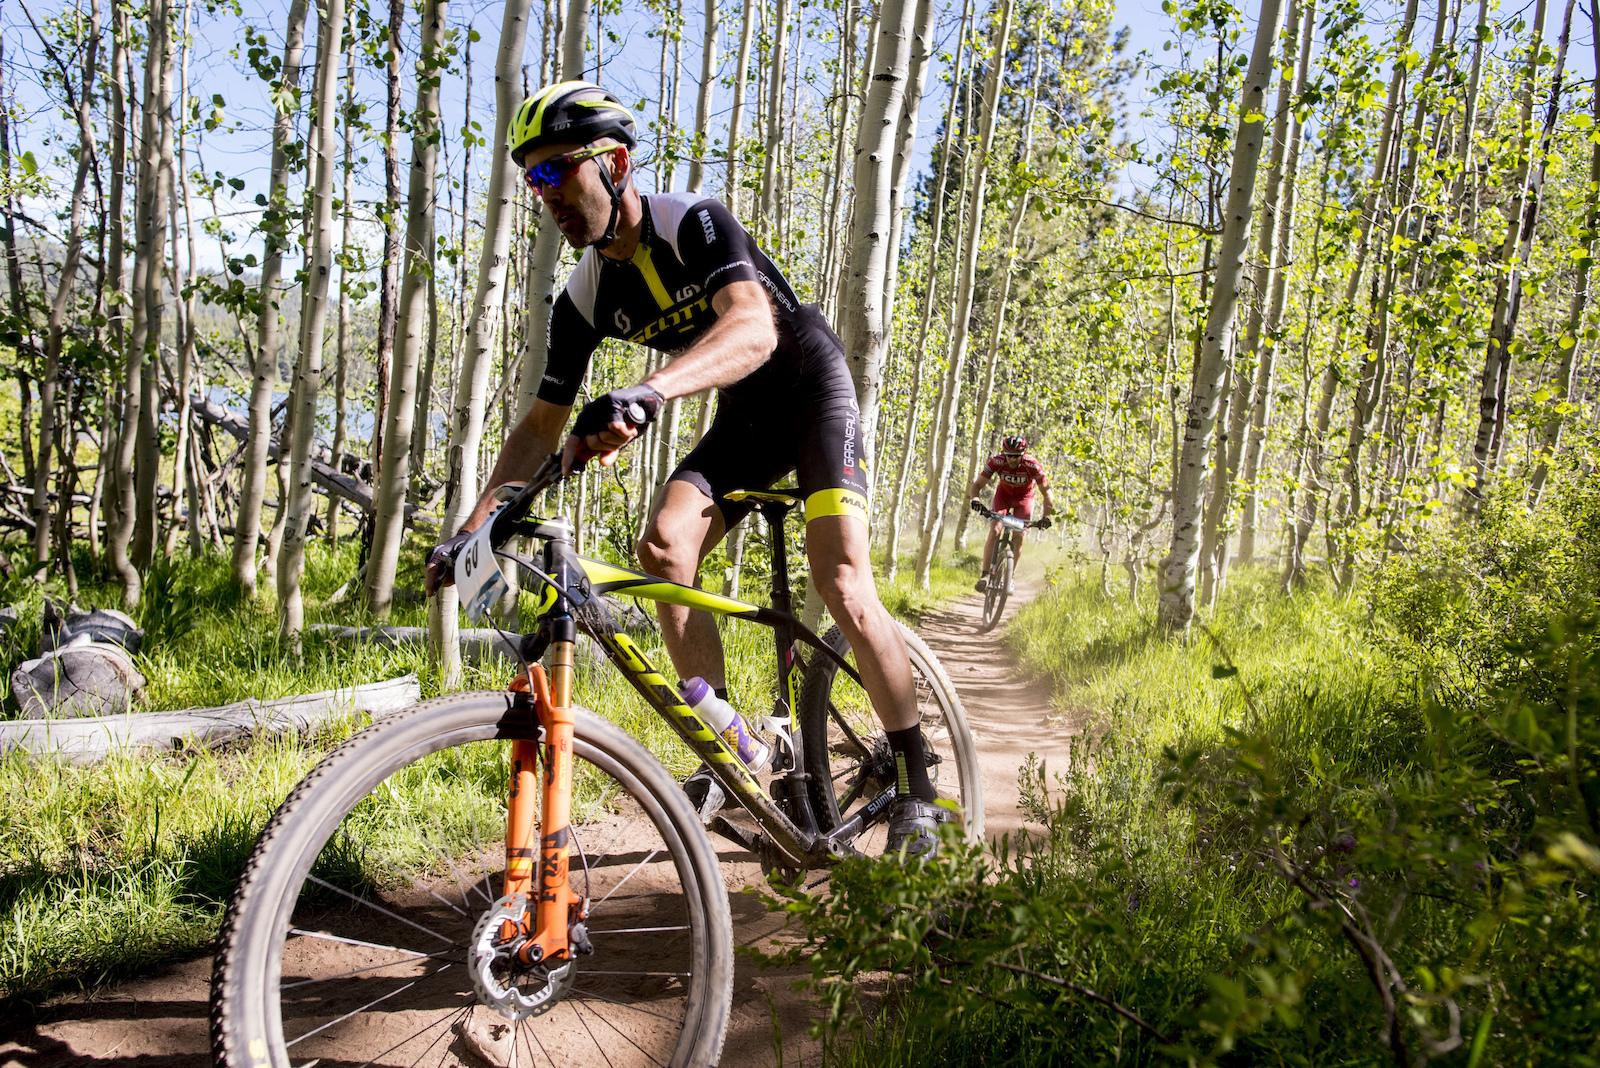 Geoff Kabush rails a turn under the shade of the Birch trees. Photo Brian Leddy